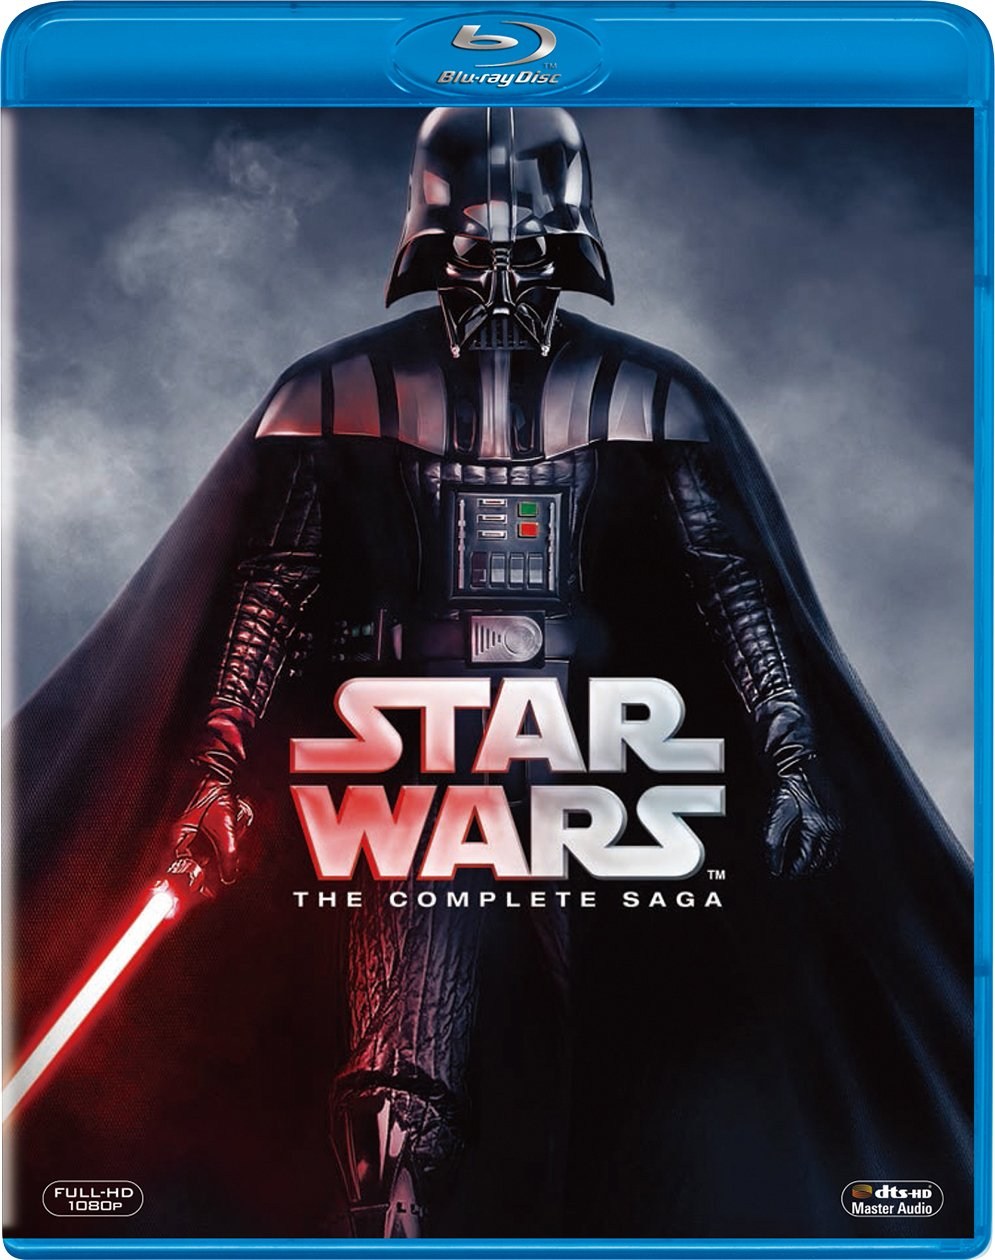 スター・ウォーズ コンプリート・サーガ ブルーレイコレクション(9枚組) (初回生産限定) Blu-ray